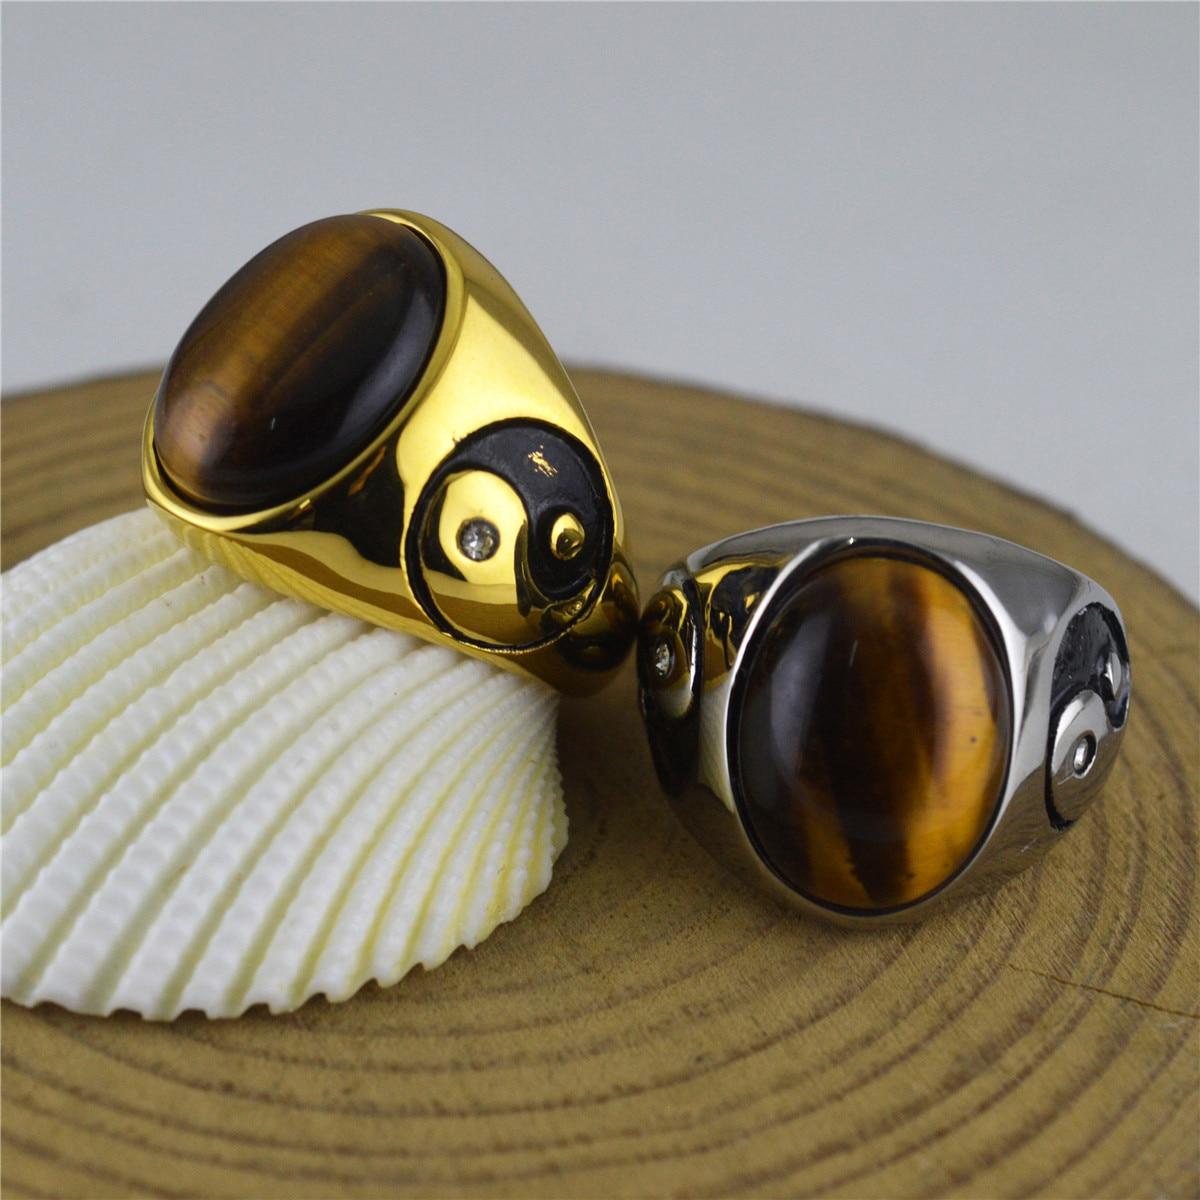 Nuevos anillos de compromiso para hombres Ojo de Tigre Piedra Natural Yin Yang Tai Chi 316L anillo de acero inoxidable joyería Vintage Envío Directo